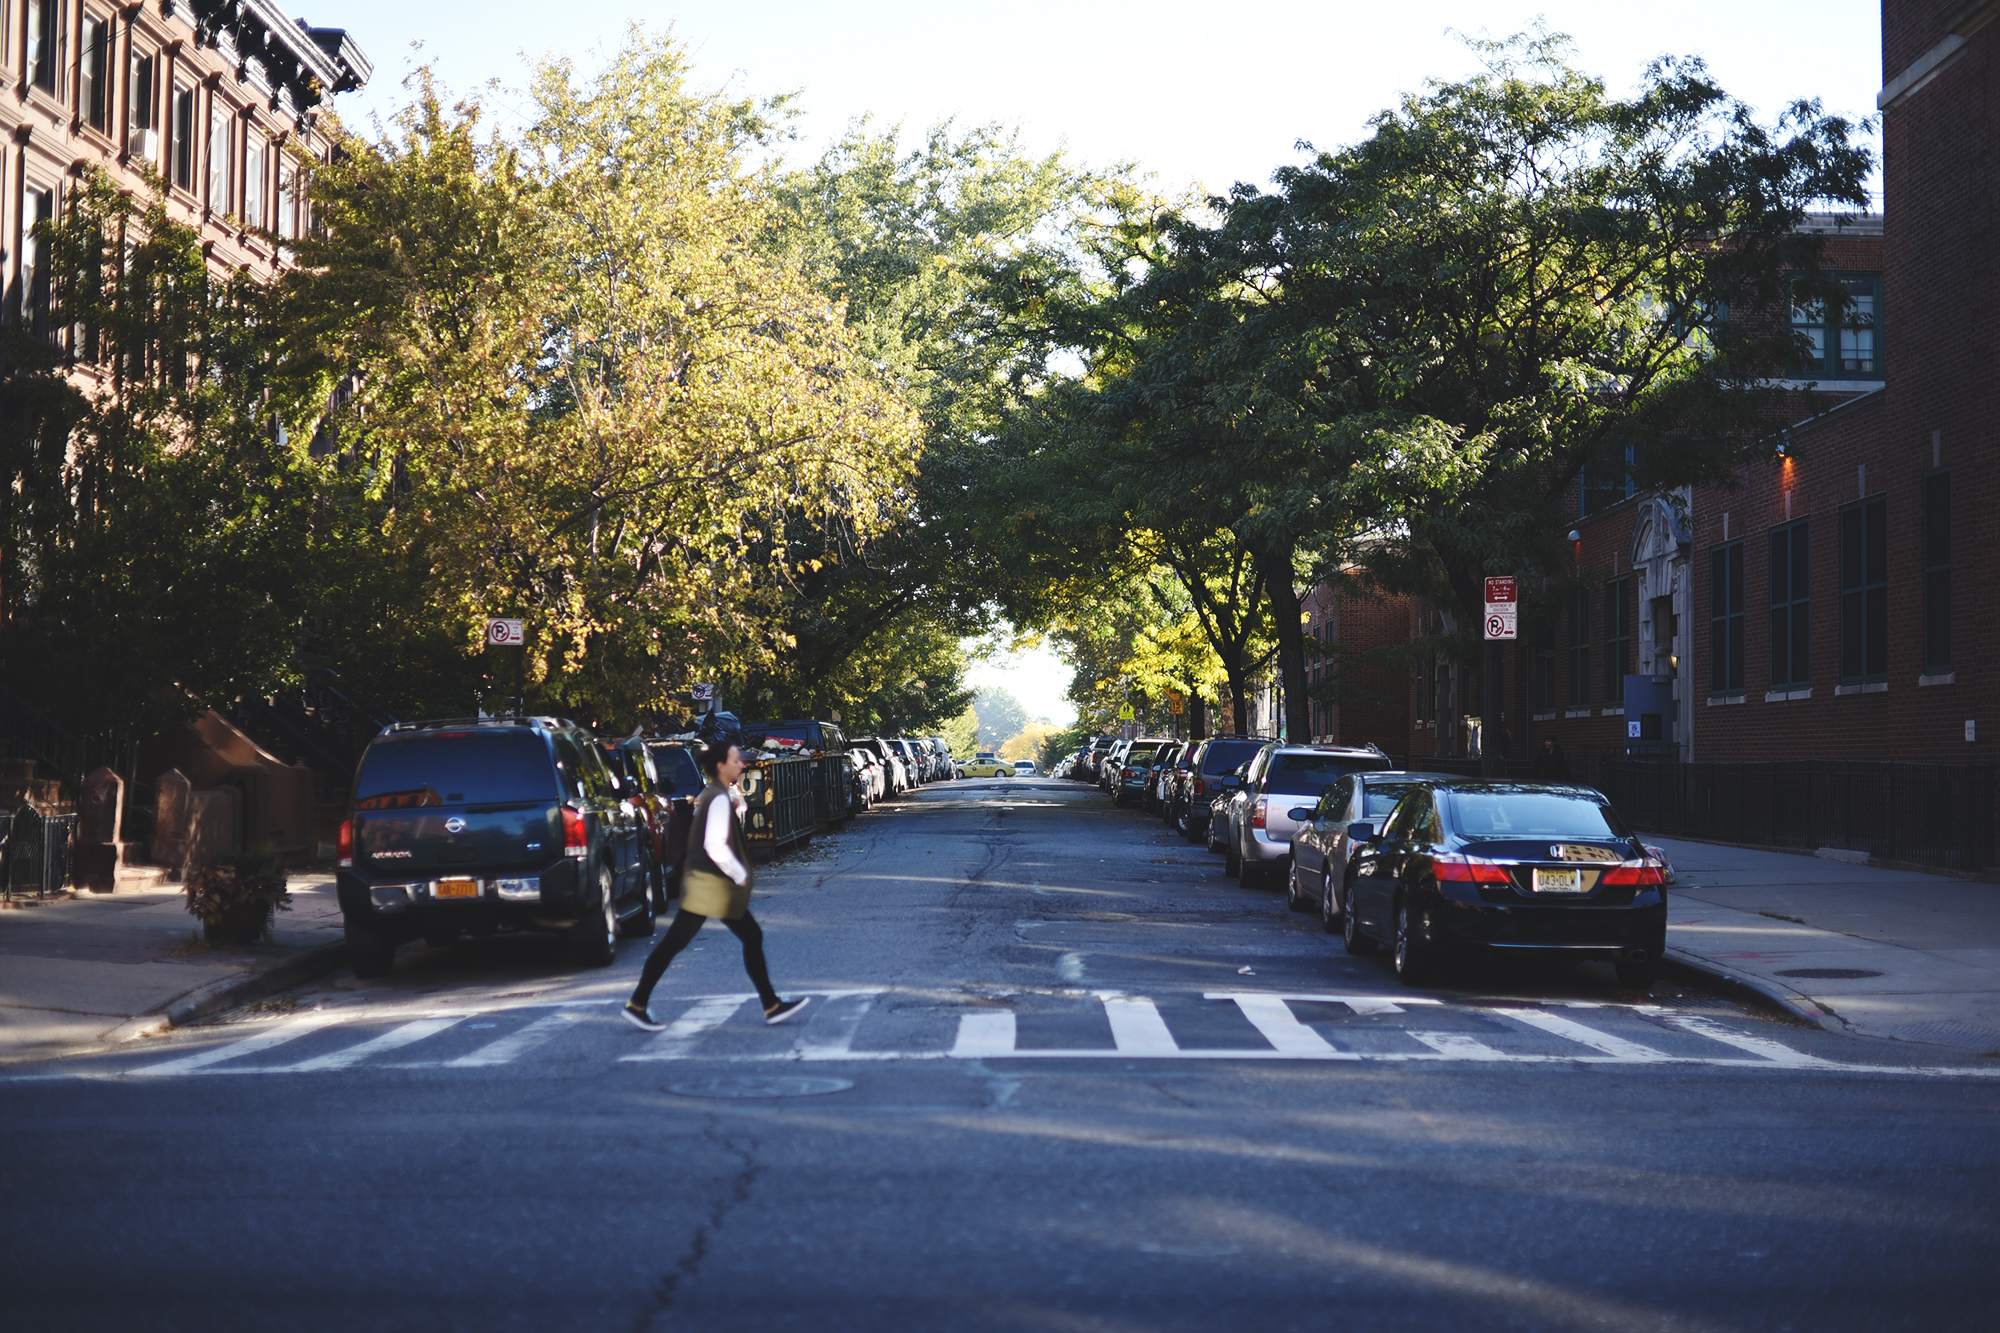 Dejta I New York Lägenhet